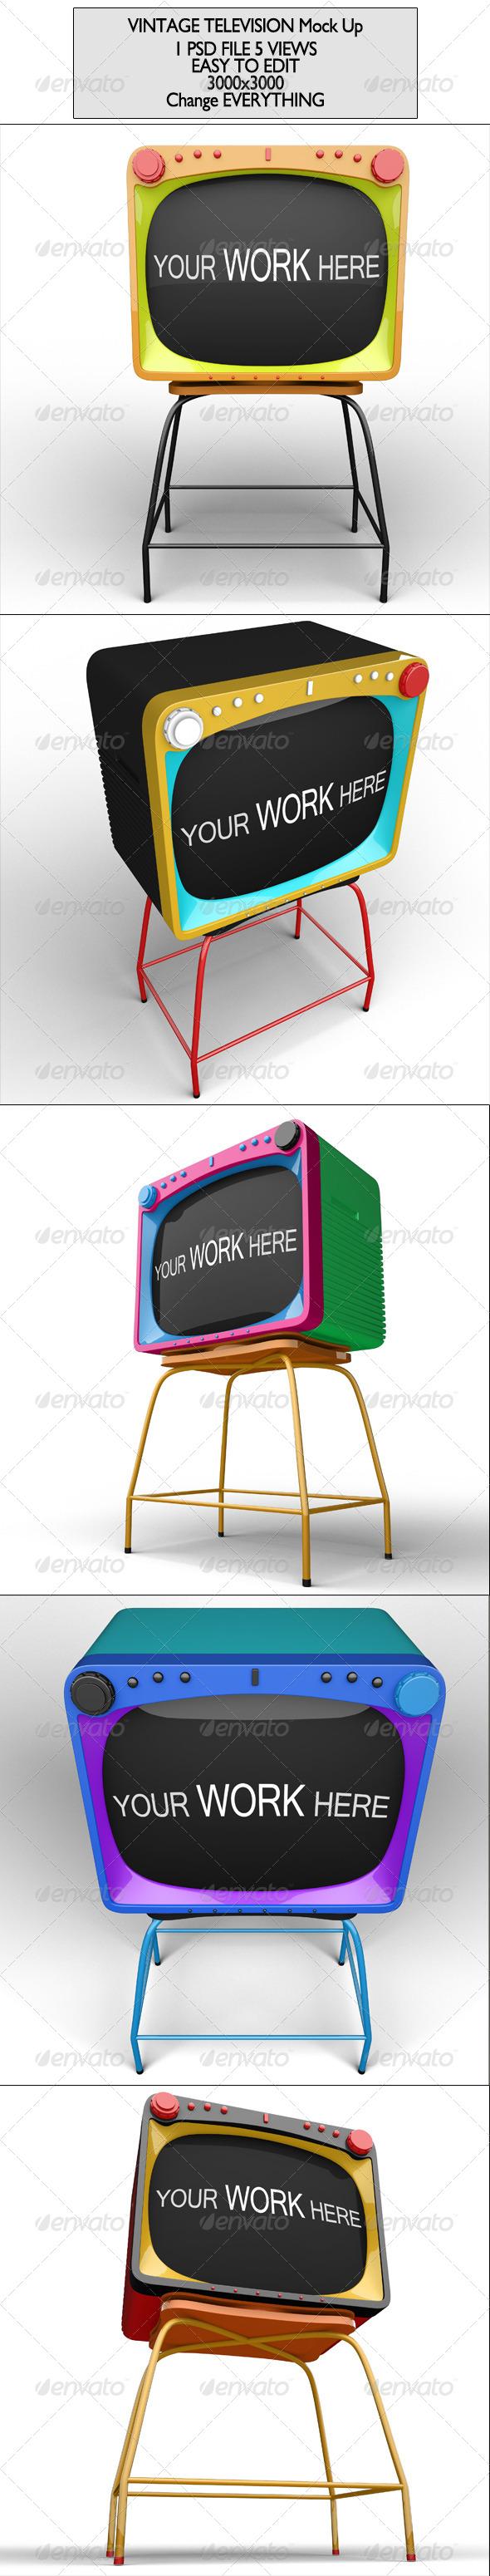 Vintage Television Mock Up